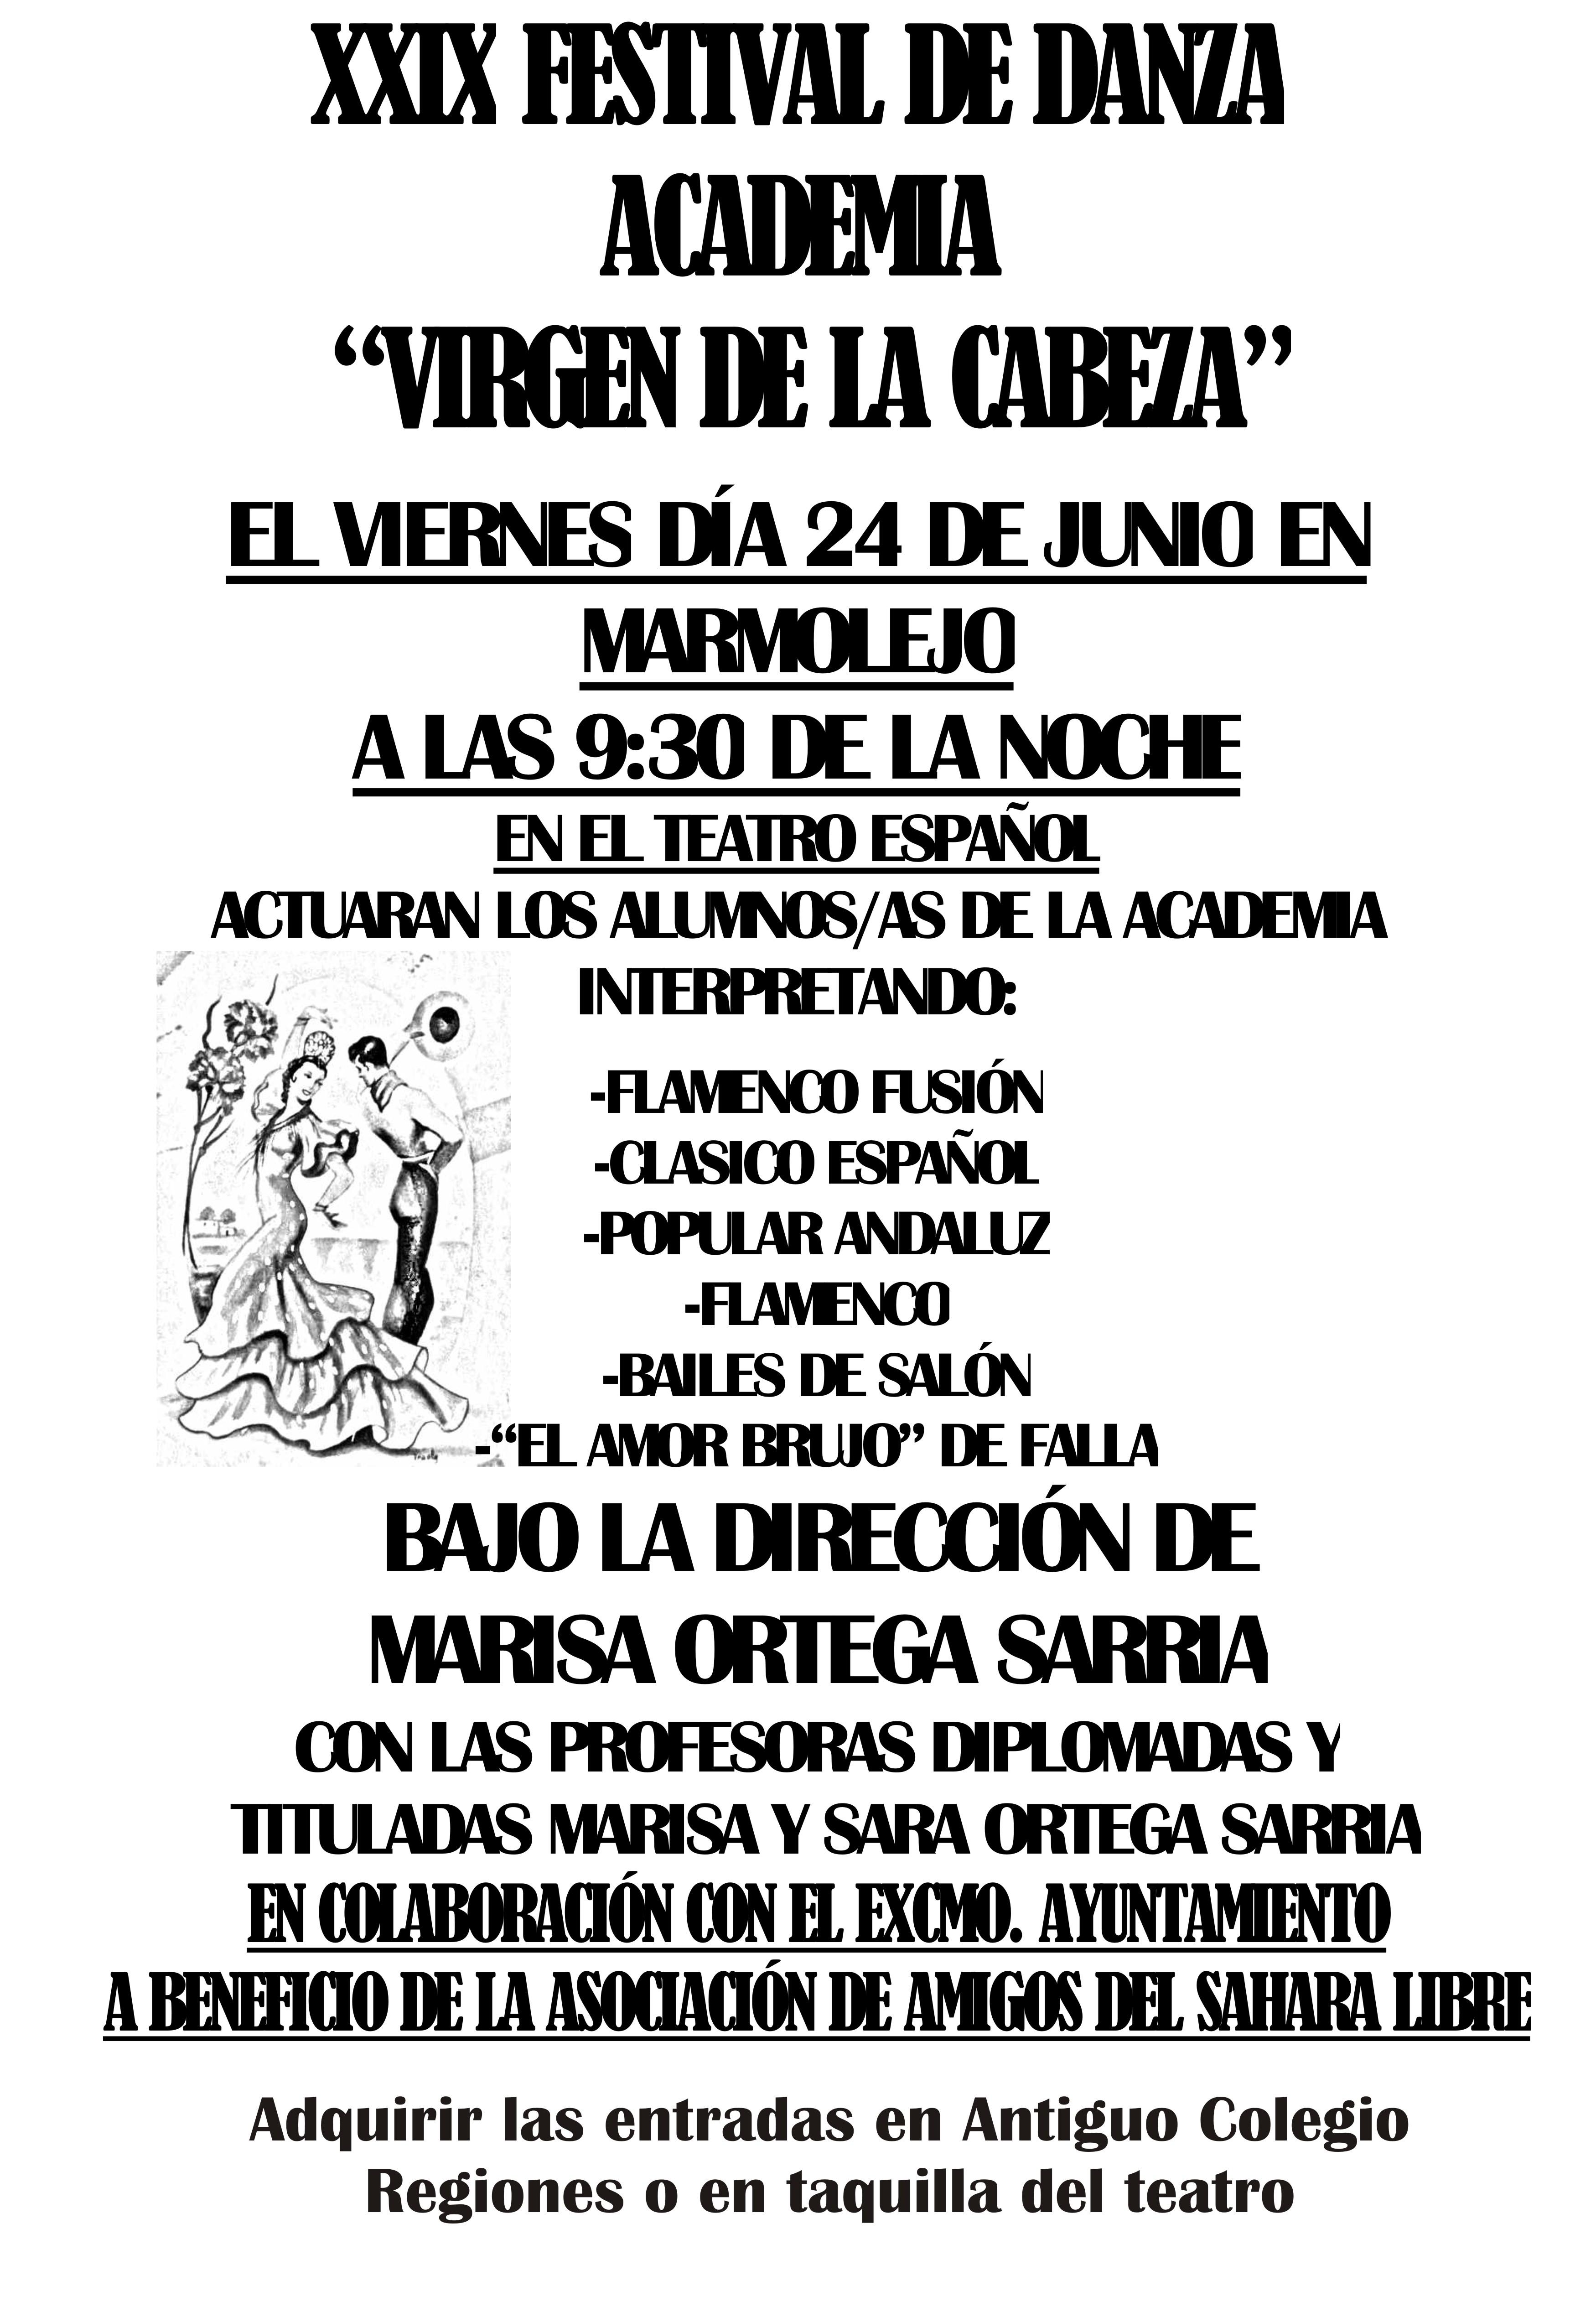 Sevillanas Marmolejo